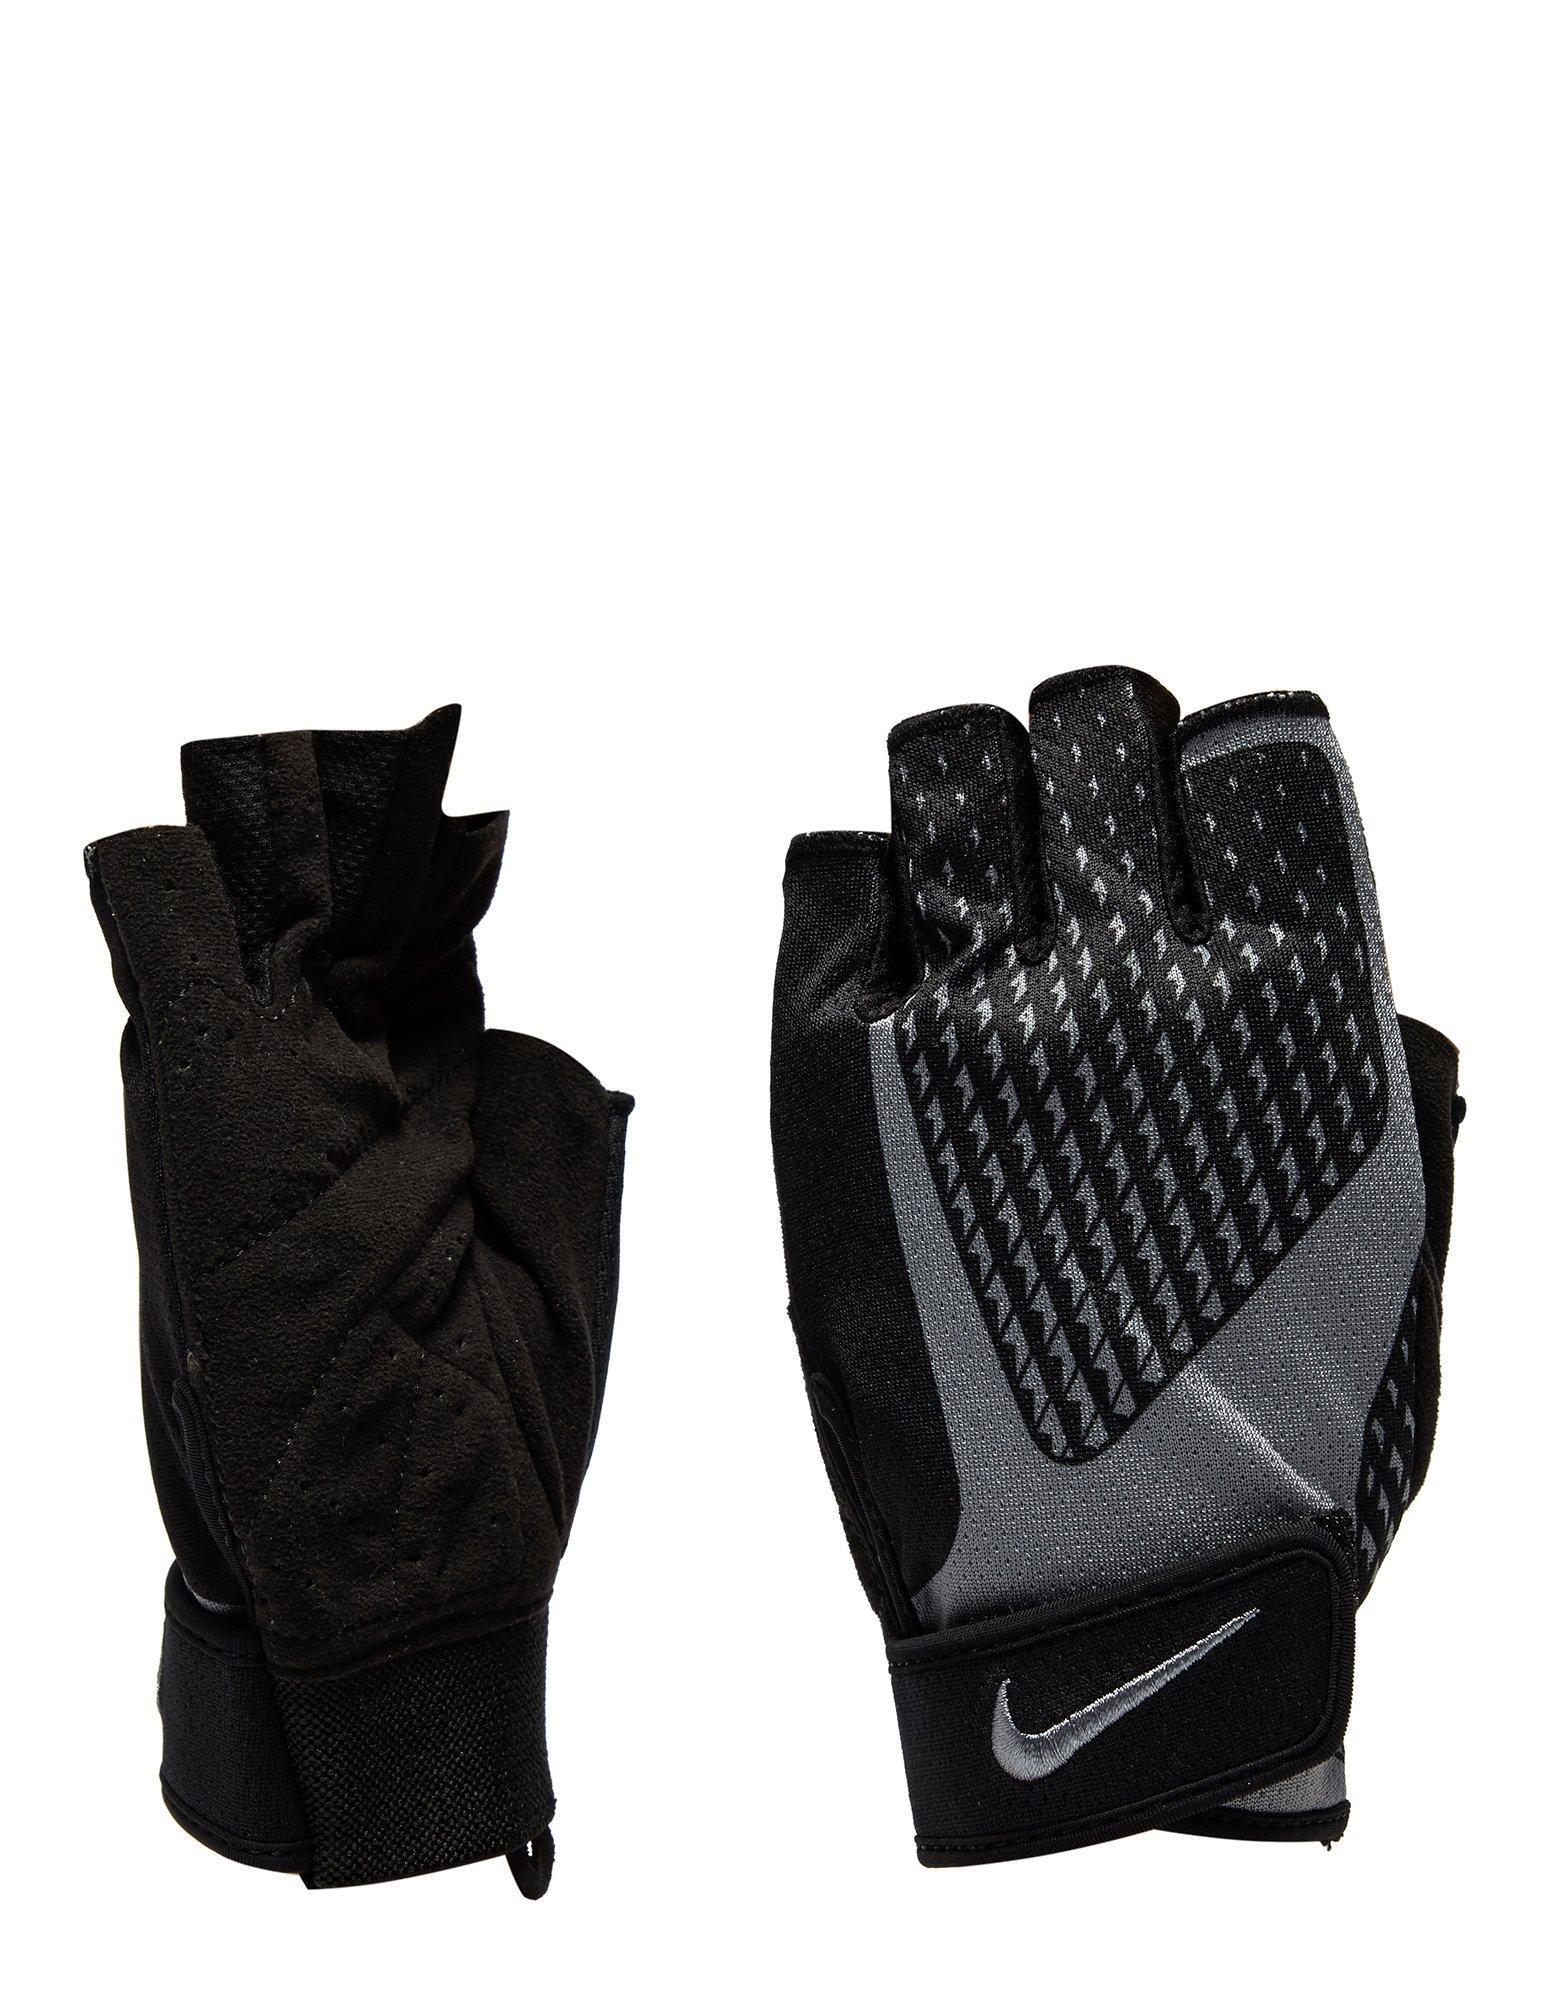 Nike. Men's Black Goal Keeper Gloves Junior